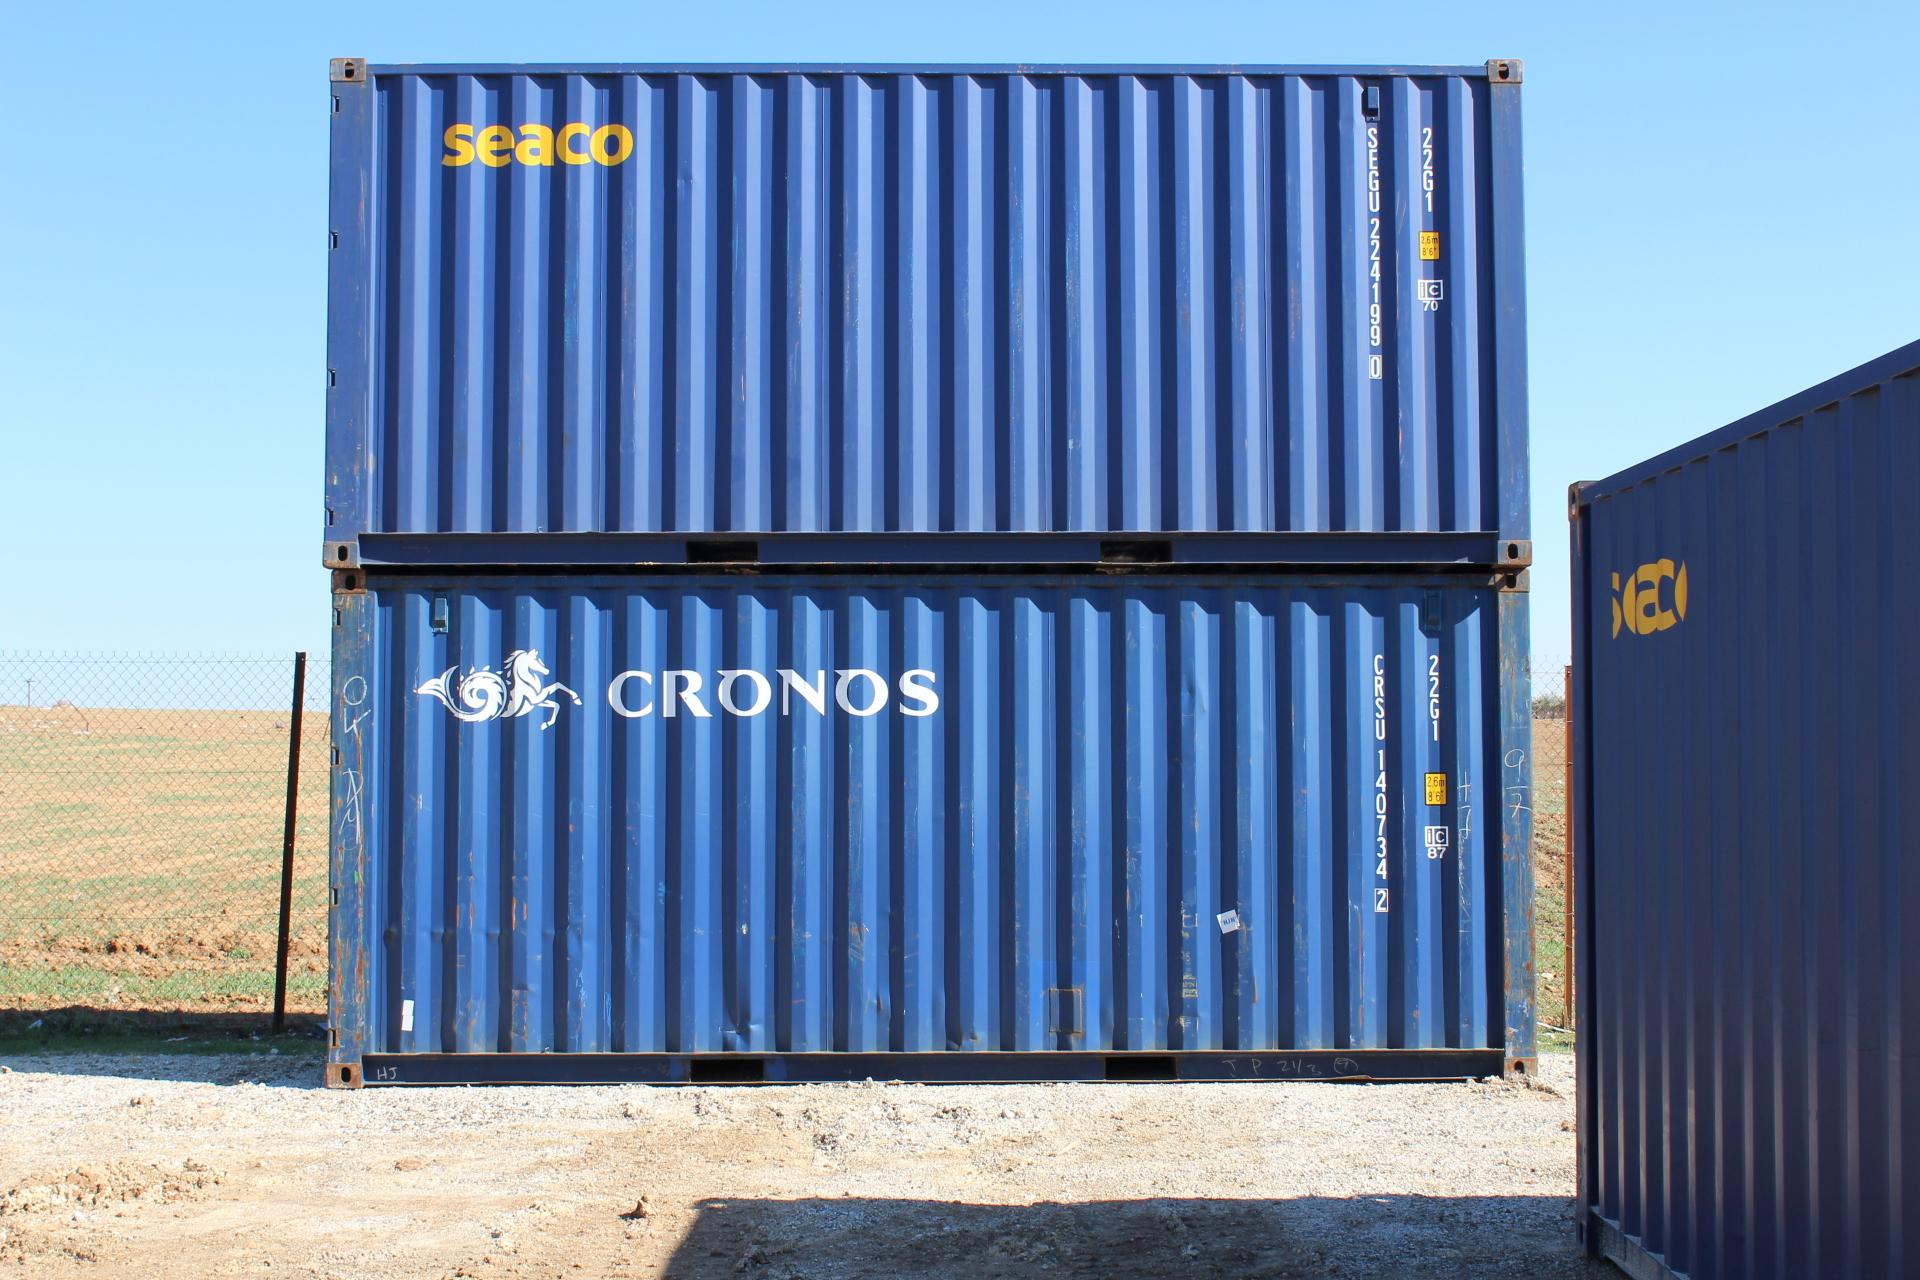 حاويات فارغة للبيع في الاردن